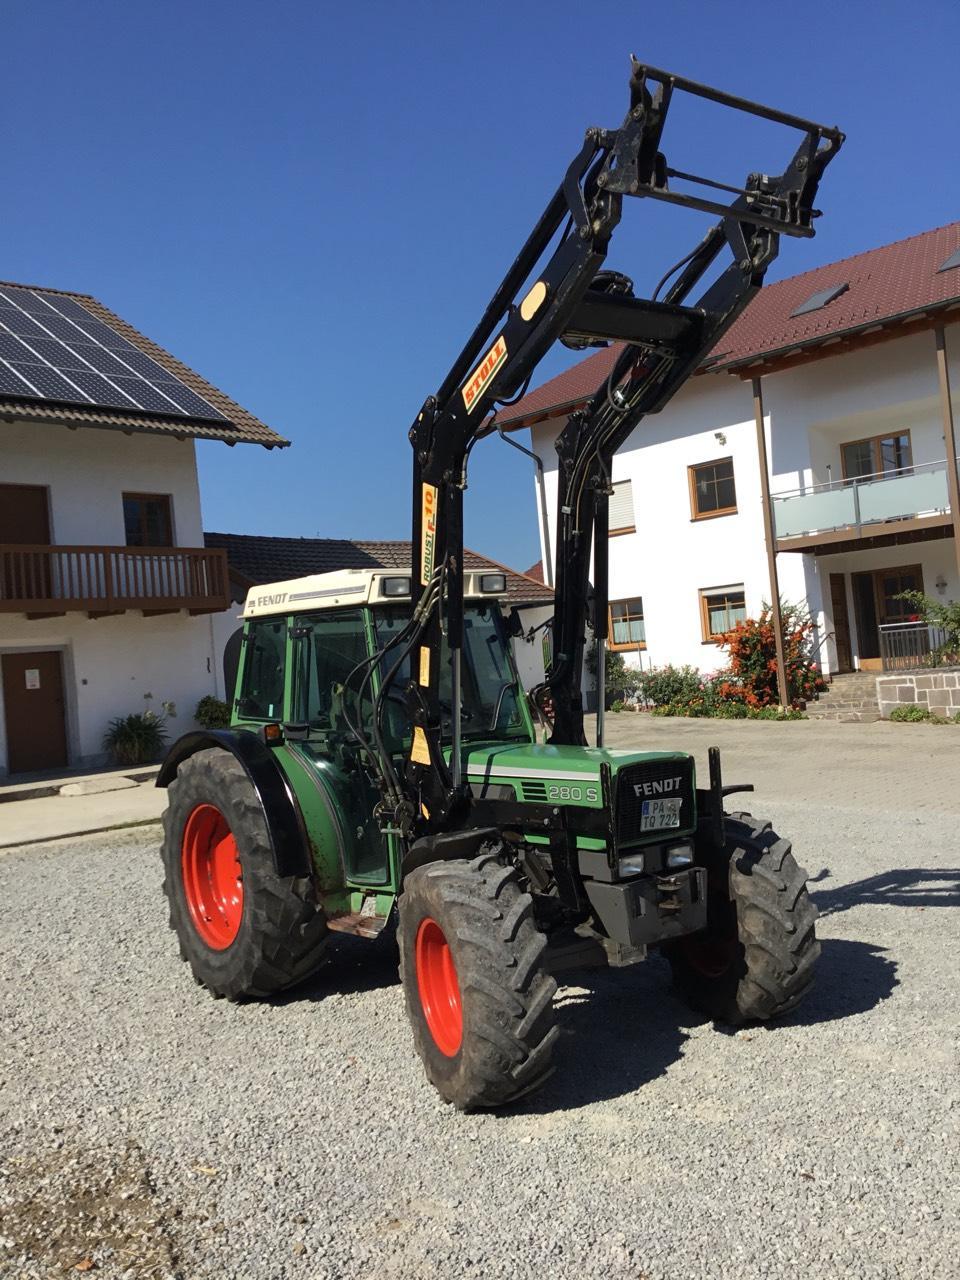 fendt traktor 80 ps allrad frontlader gebraucht kaufen